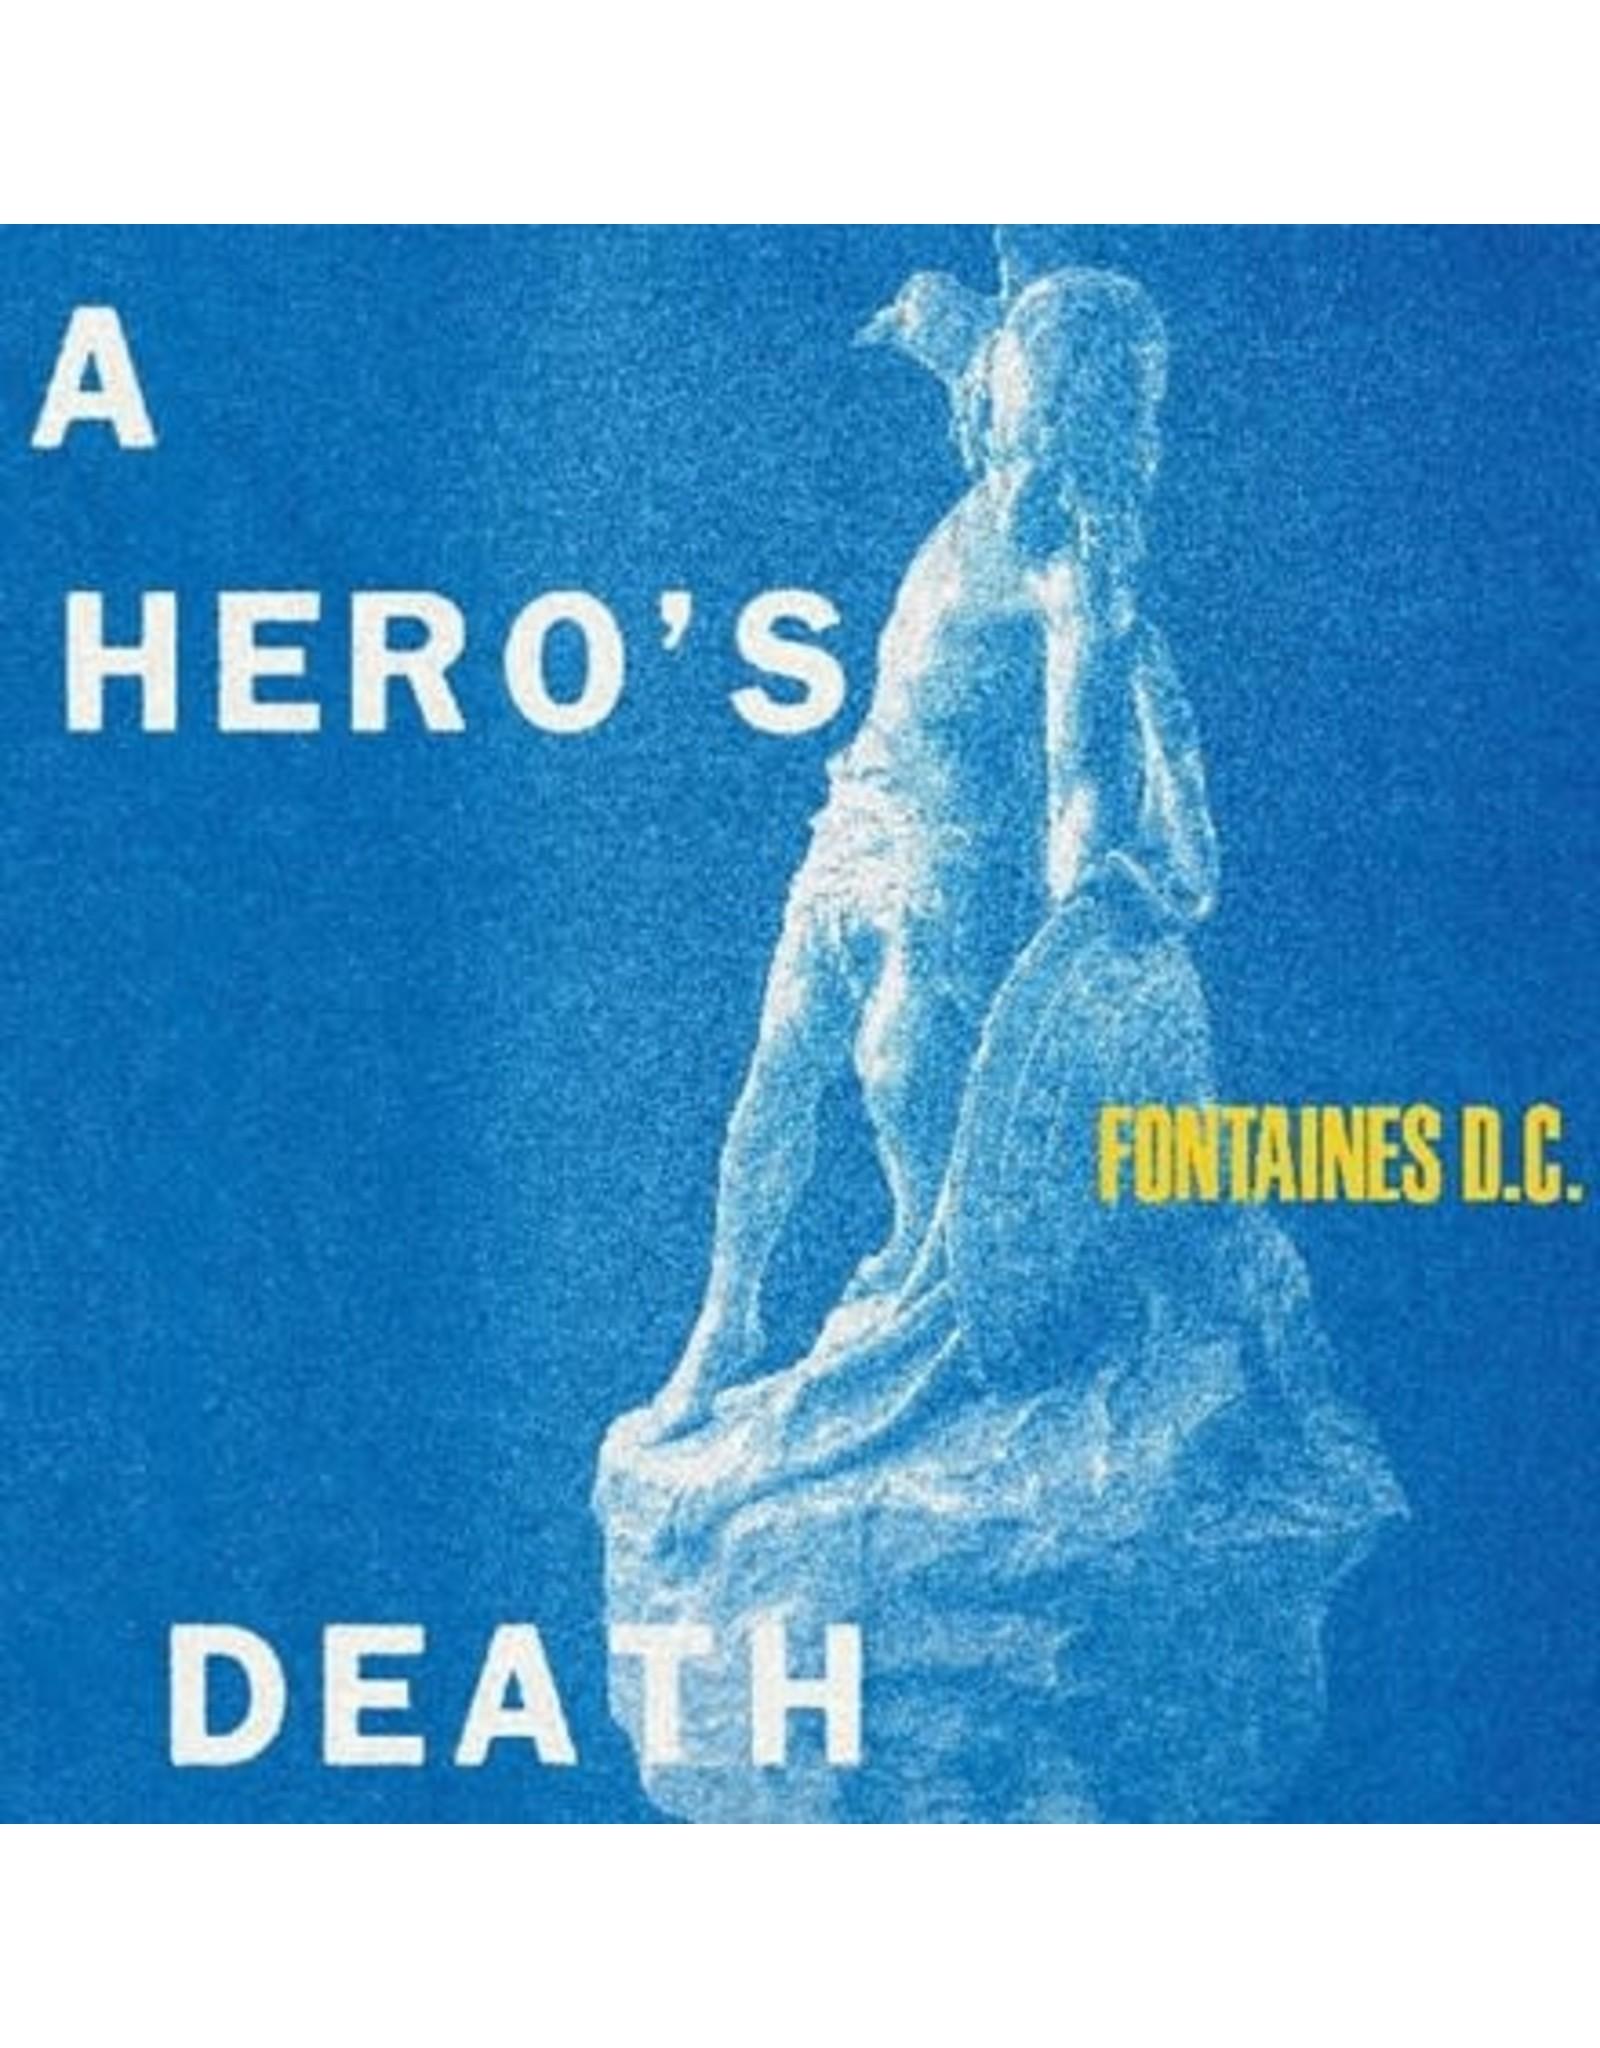 Partisan Fontaines D.C.: A Hero's Death LP